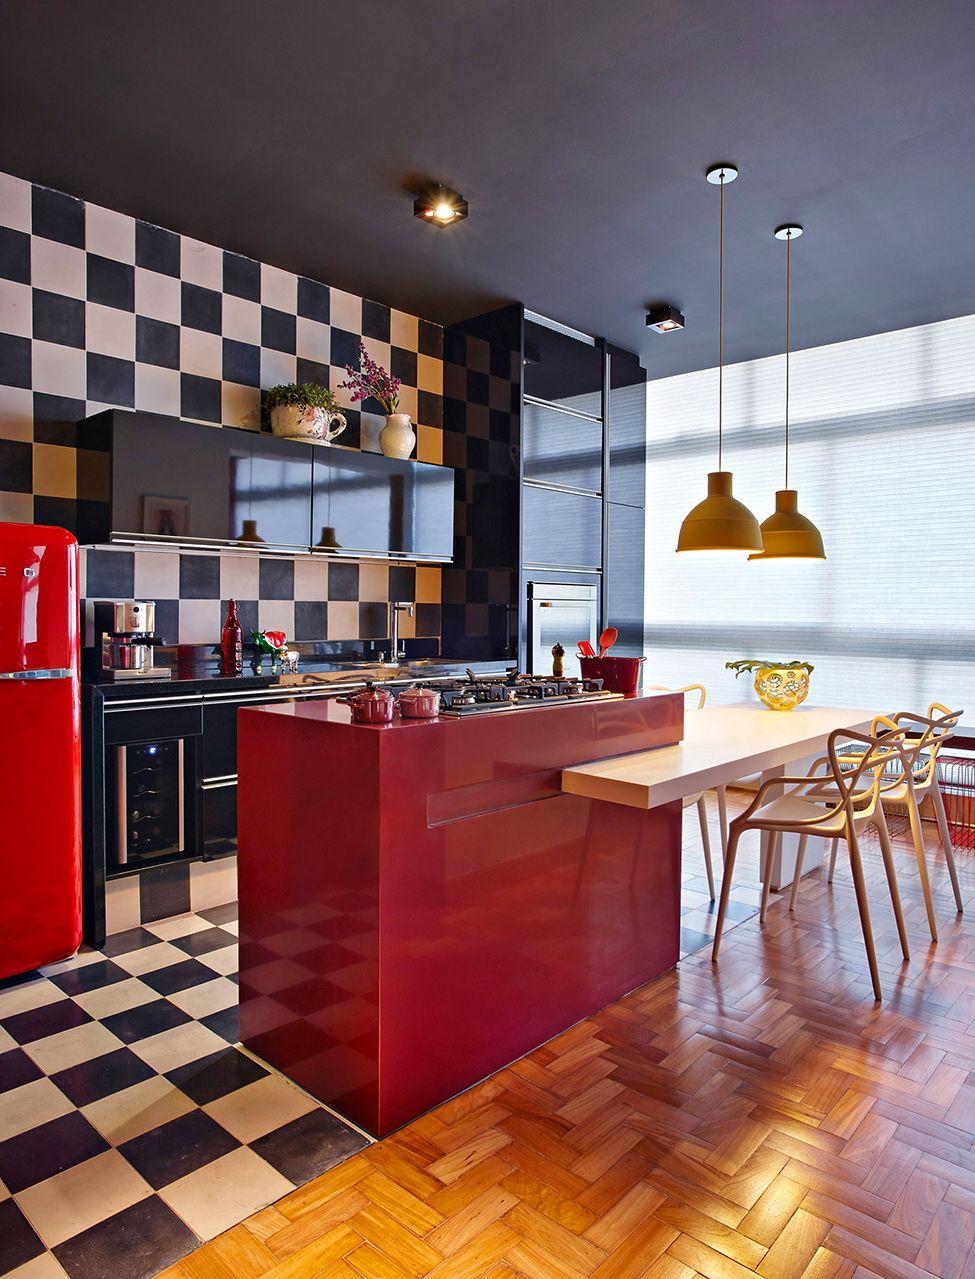 tämäntyyppinen saareke olisi myös toimiva (siis että pöytä on selvästi erillinen osa saareketta, mutta kuitenkin toimii ruoanlaitossa aputasona http://freshome.com/2013/12/10/hypnotizing-mix-colors-textures-displayed-modern-apartment-brazil/ project Belo Horizonte 8 Hypnotizing Mix of Colors and Textures Displayed by Modern Apartment in Brazil